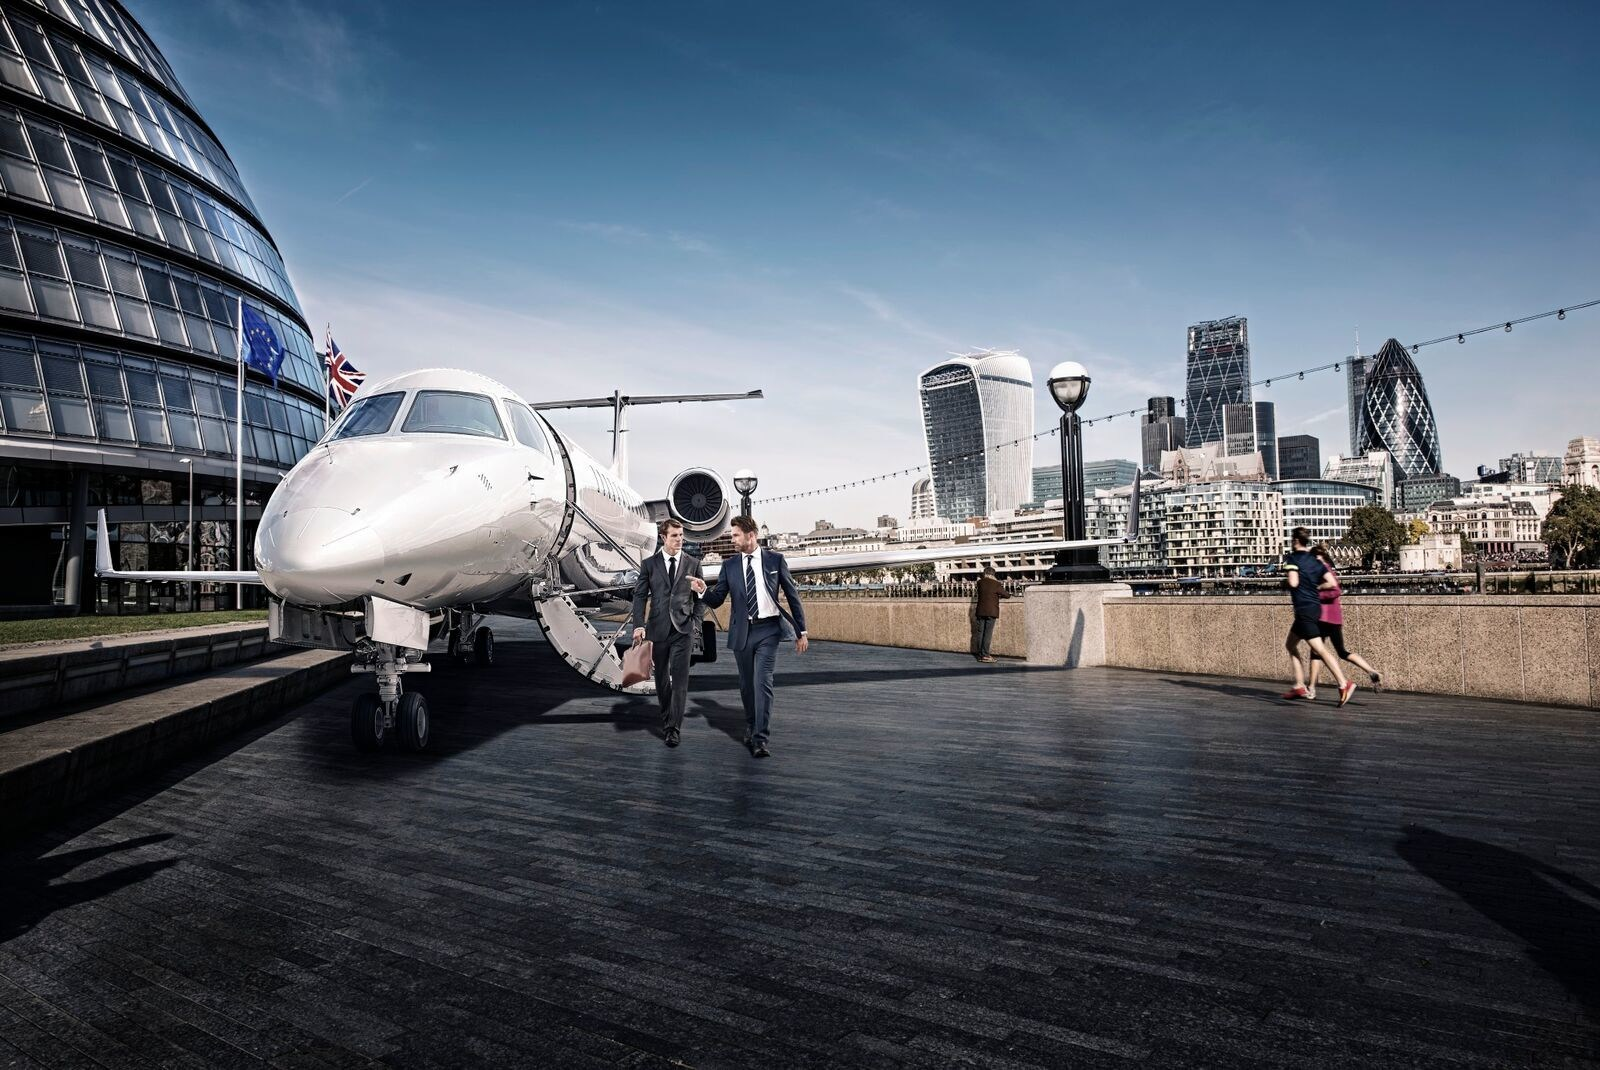 英国按需私人包机服务供应商 Victor 完成英国石油领投的 2000万美元 B轮融资